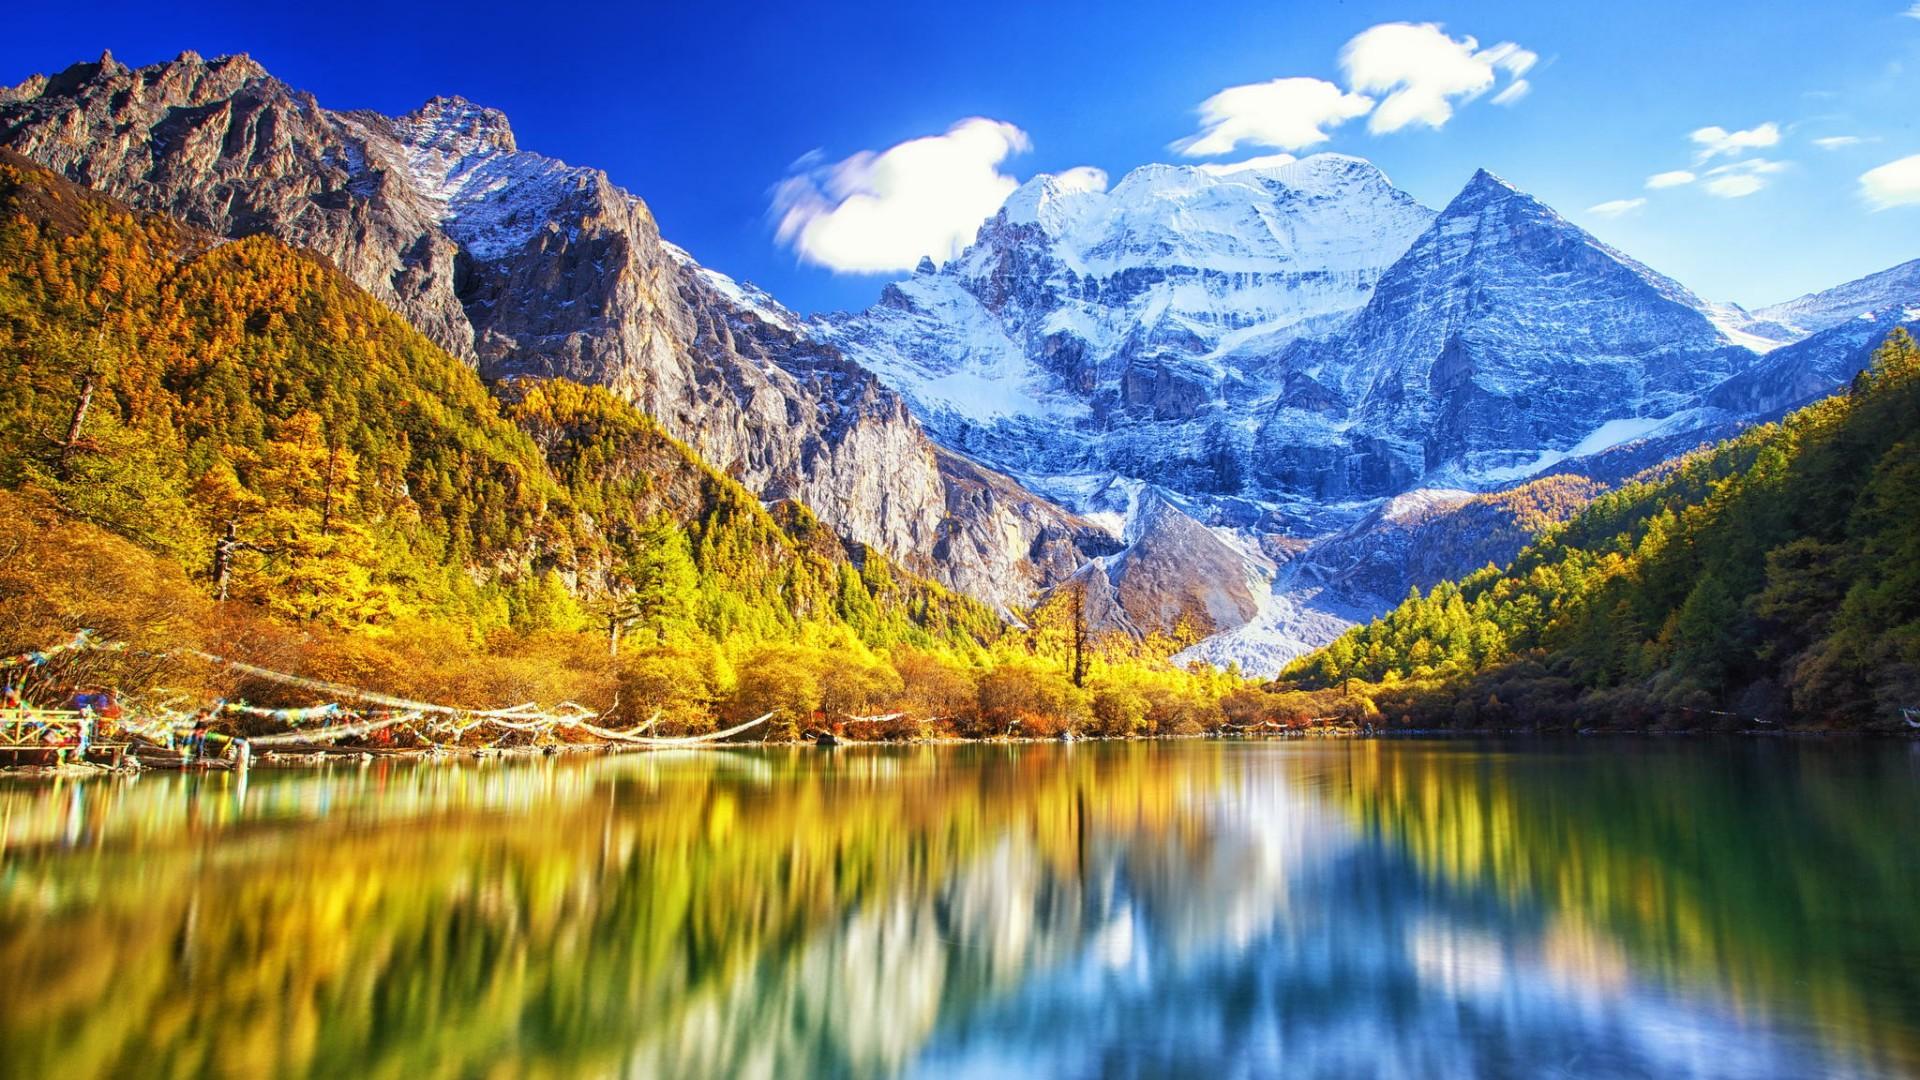 Pearl Lake and Xiannairi mountain at Yading Nature Reserve wallpaper